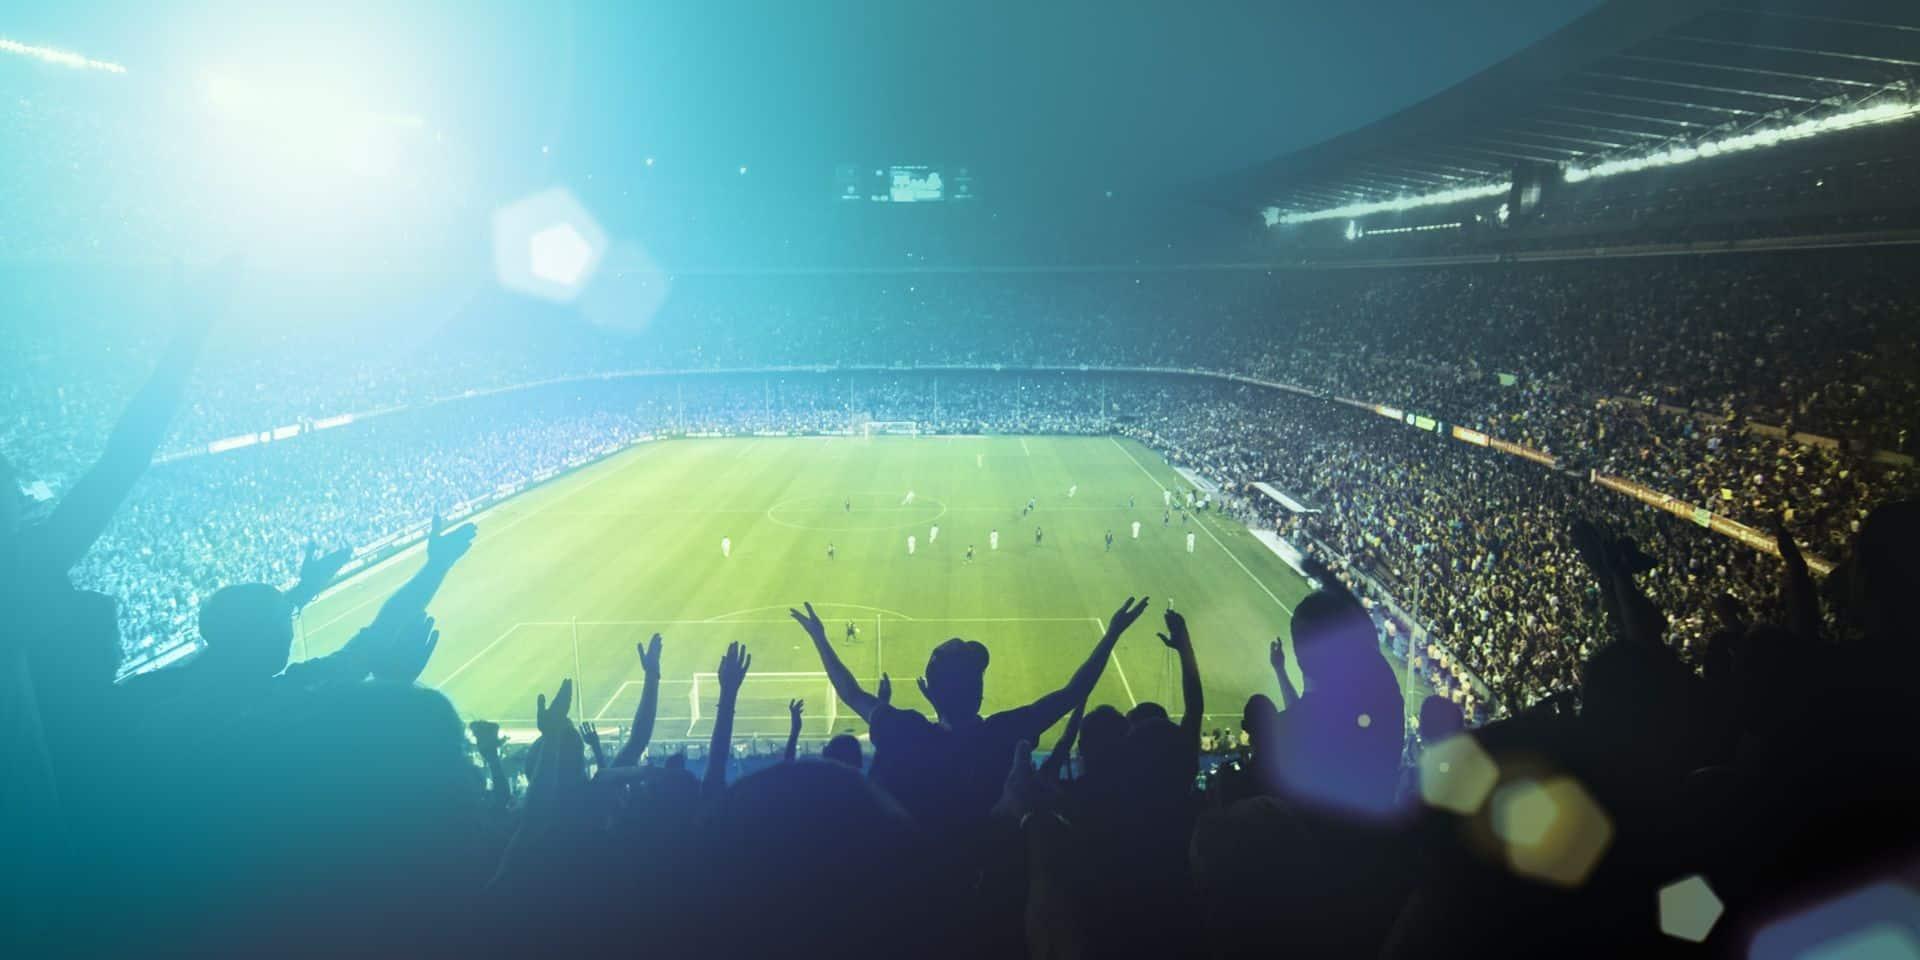 Pression physique après une victoire, colère et violence après une défaite: quand le football a de lourdes conséquences sur le couple